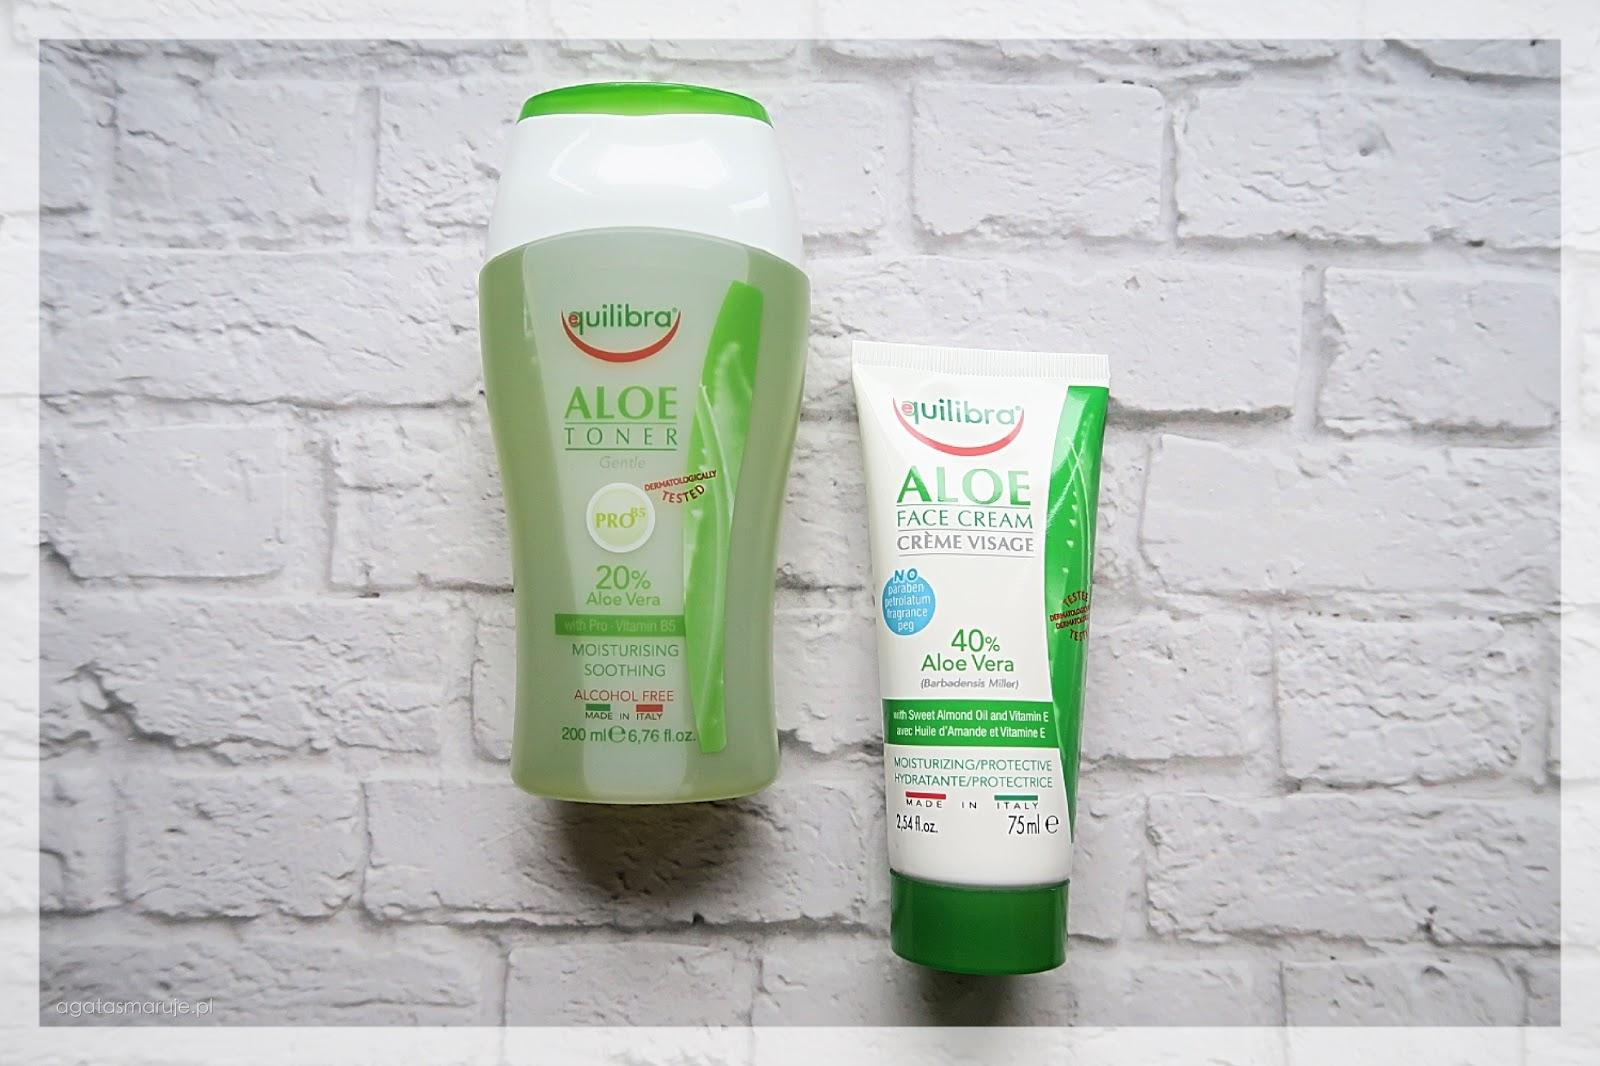 Aloesowa pielęgnacja twarzy z markąEquilibra